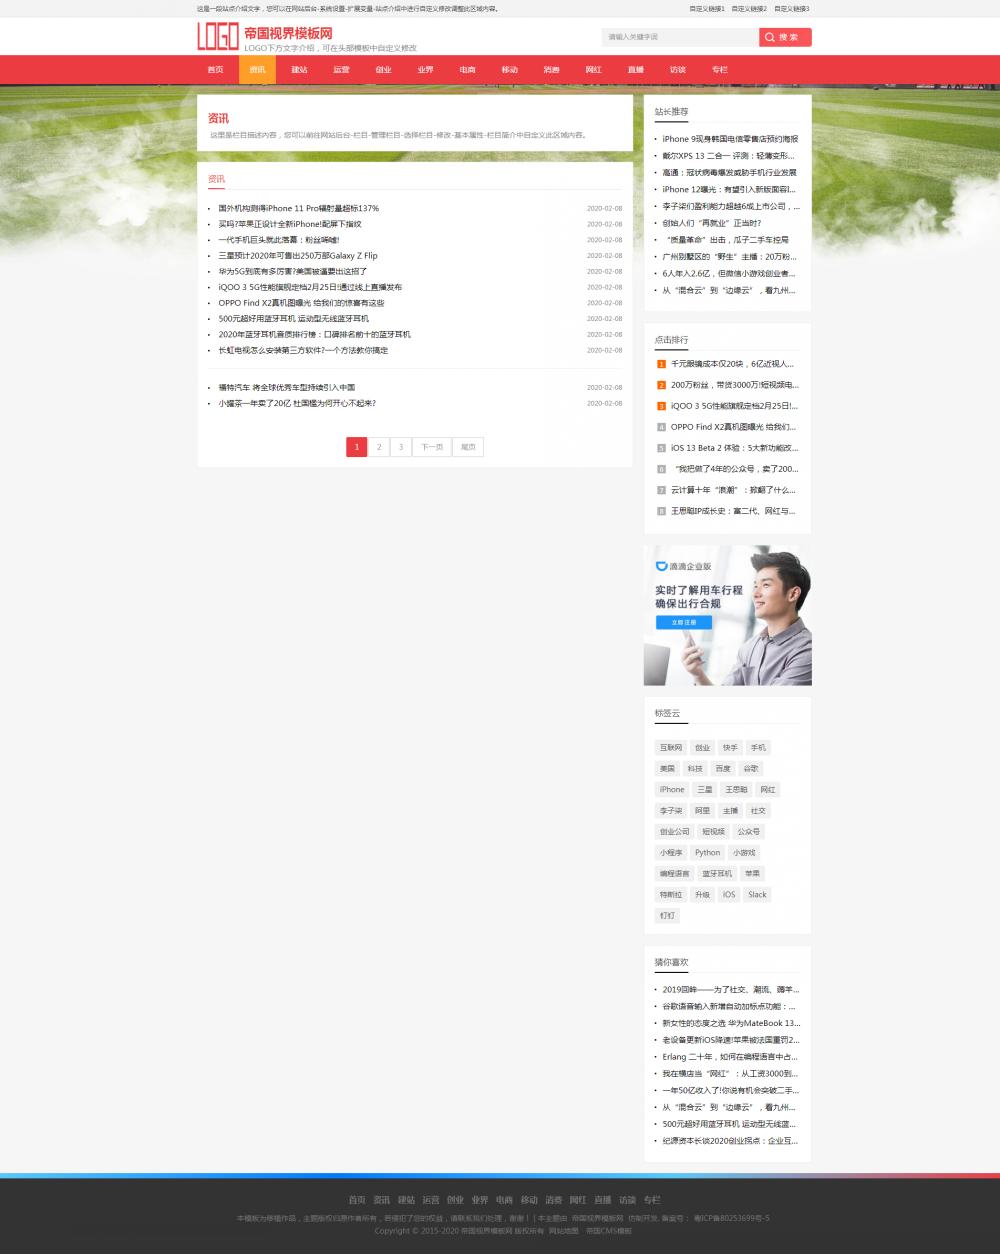 栏目页-纯文字.png [DG-067]帝国CMS响应式红色体育新闻资讯文章新闻资讯模板 新闻资讯 第3张